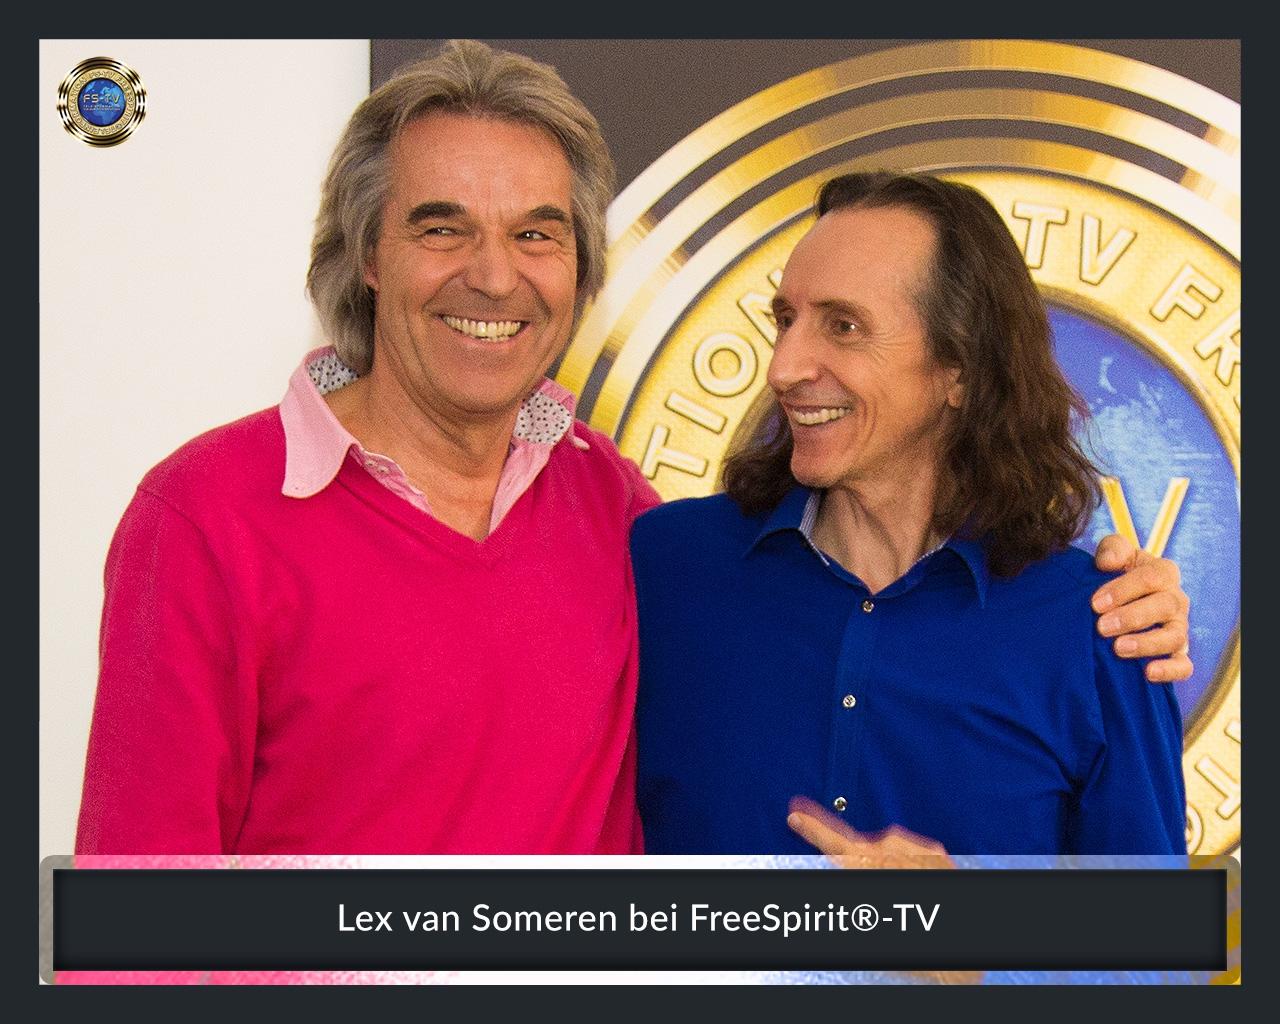 FS-TV-Bildergallerie-Lex-van-Someren-1